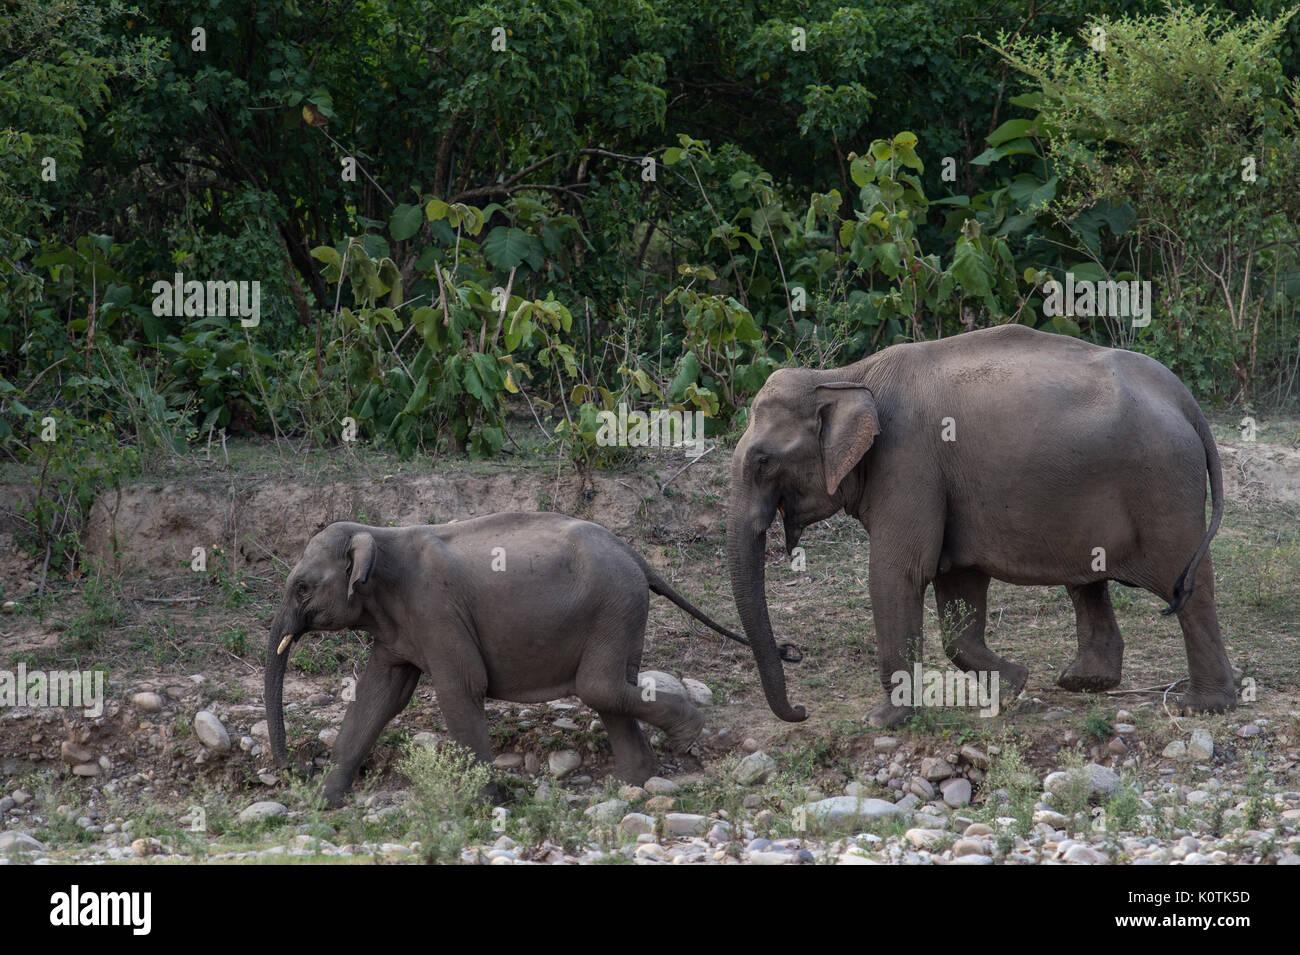 Indian Elephant, Elephas maximus indicus, Elephantidae,Rajaji National Park, India - Stock Image